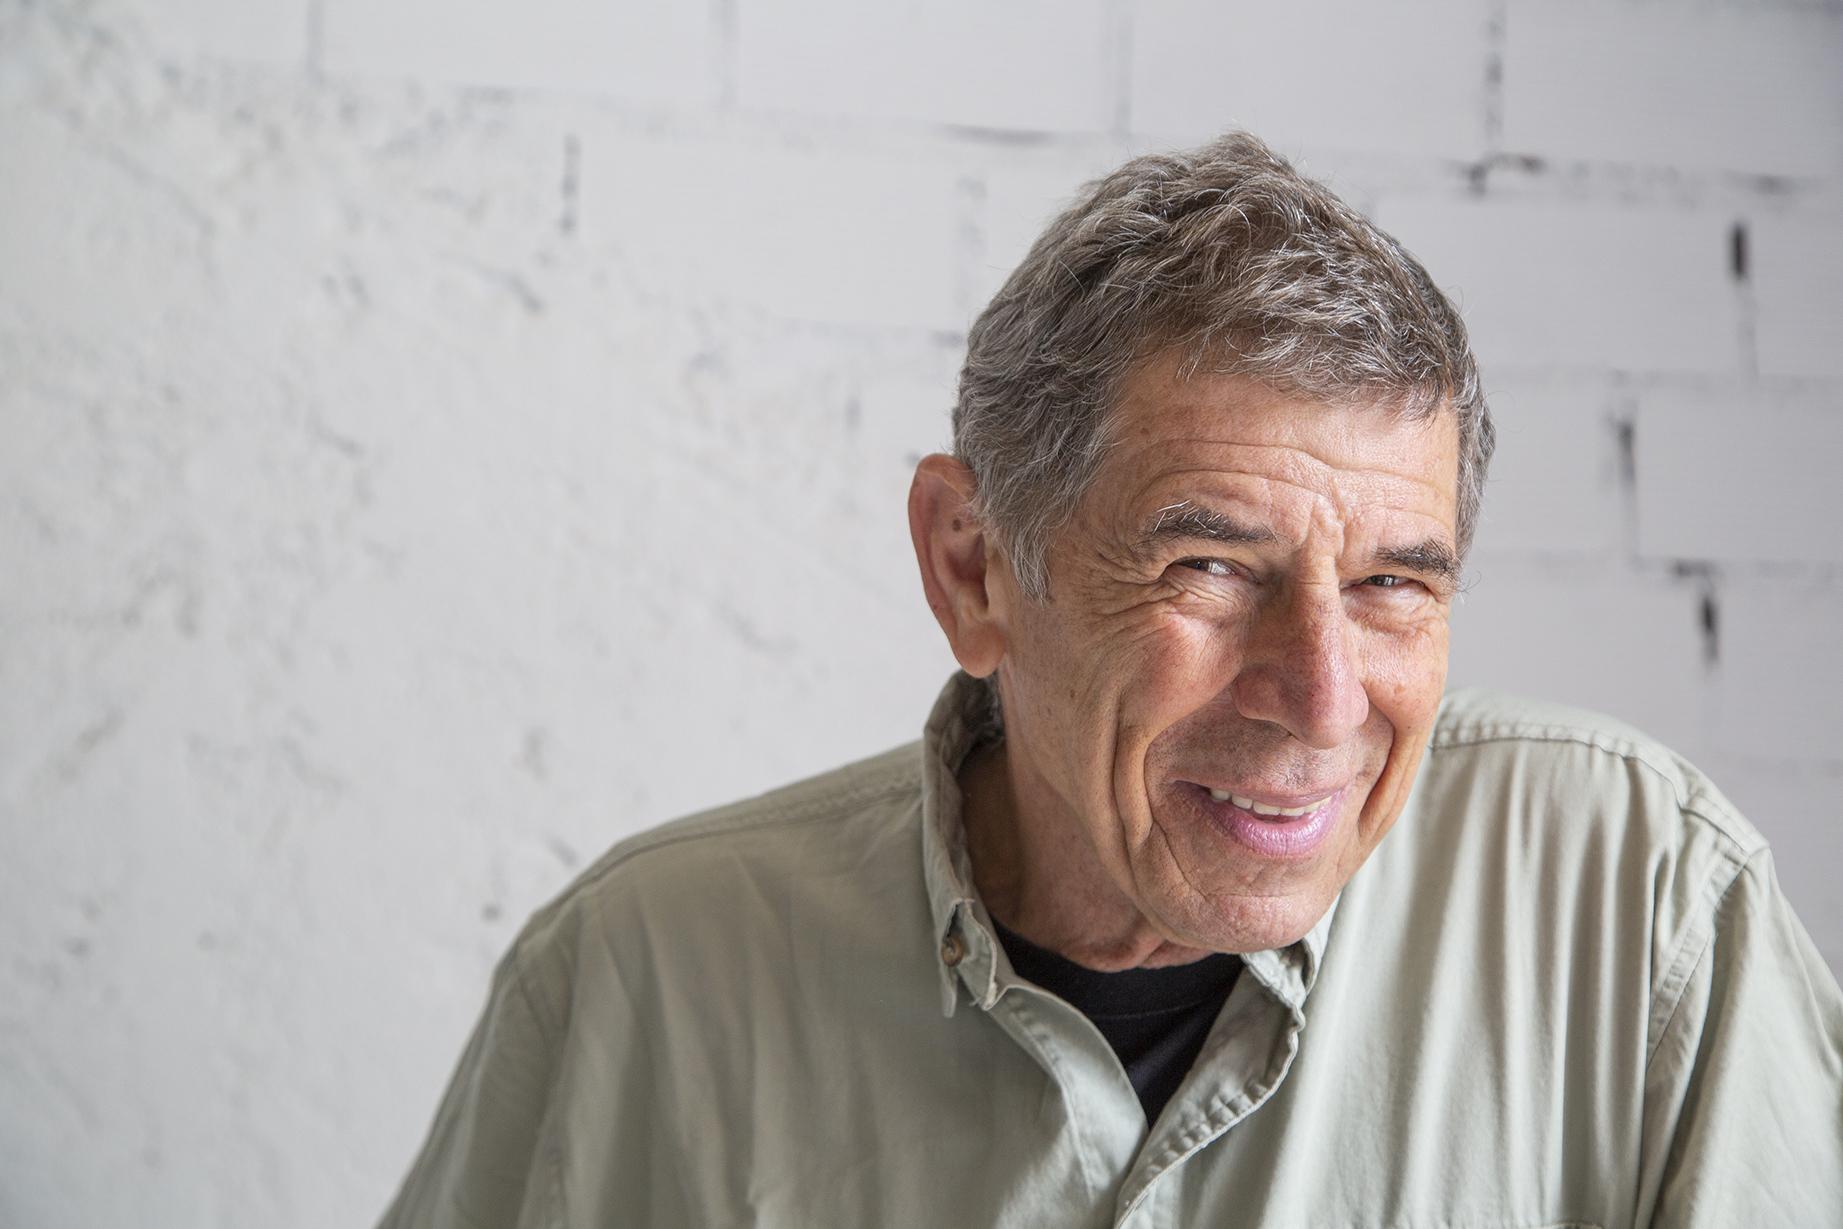 Entrevista a Cristóbal Hara, Basquedoksaria 2019